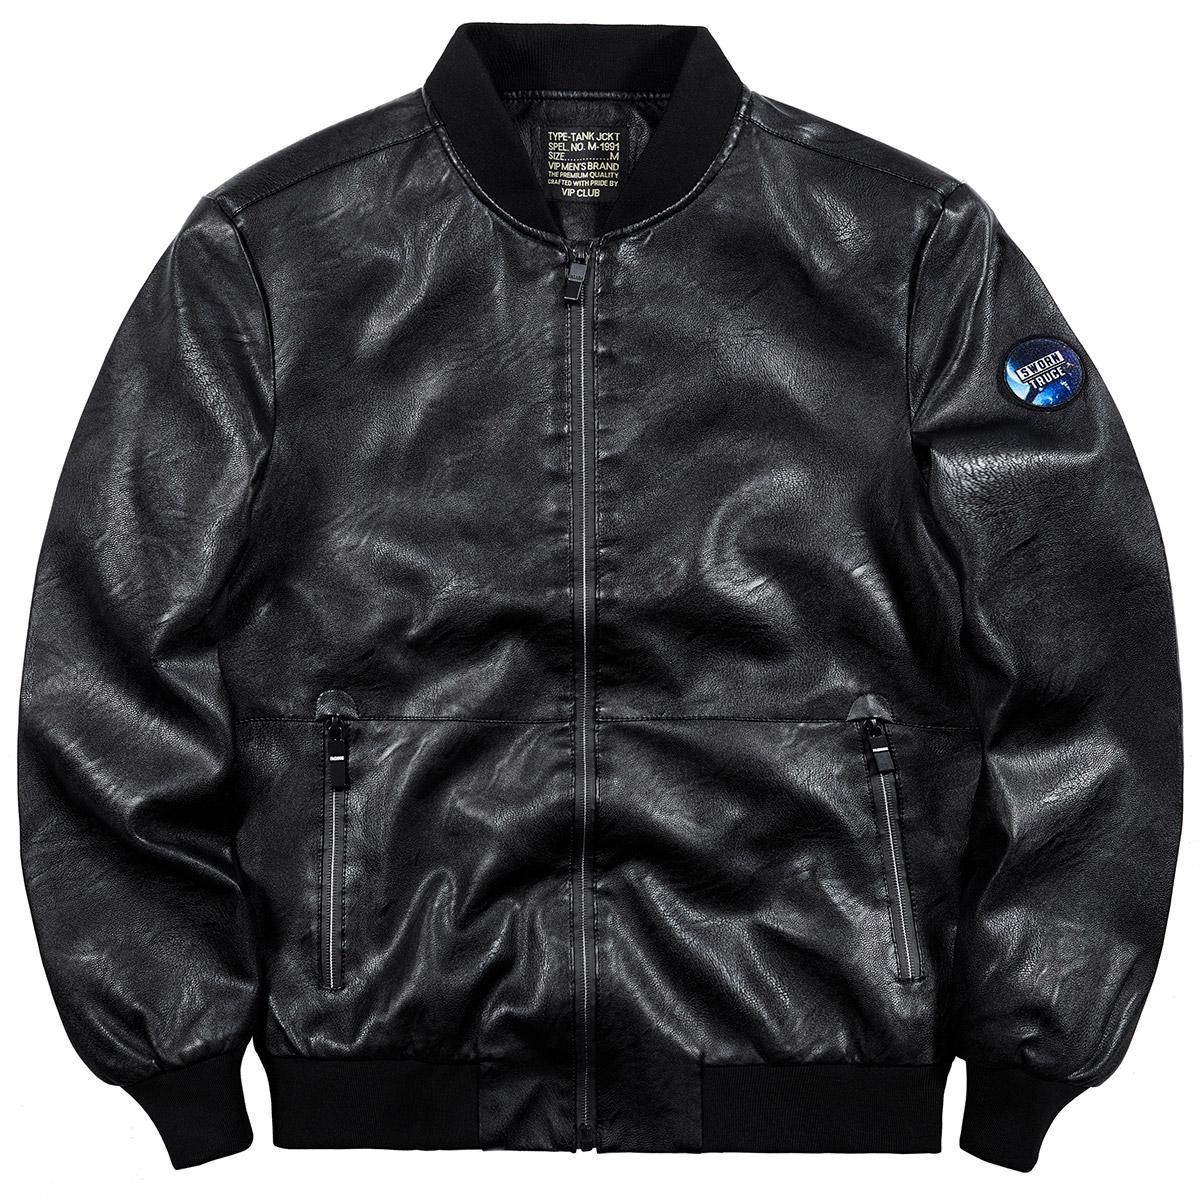 VIP mùa thu xe máy da nam phi công áo khoác nam Hàn Quốc đẹp trai đồng phục bóng chày kích thước lớn áo khoác lỏng - Đồng phục bóng chày